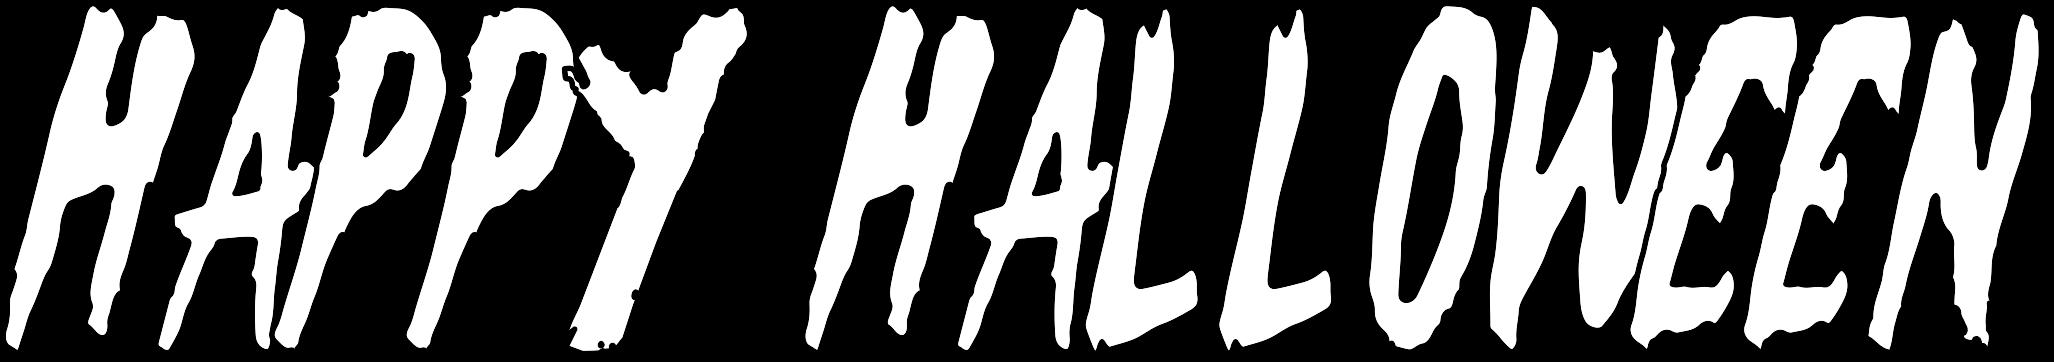 splash-bleeding-font